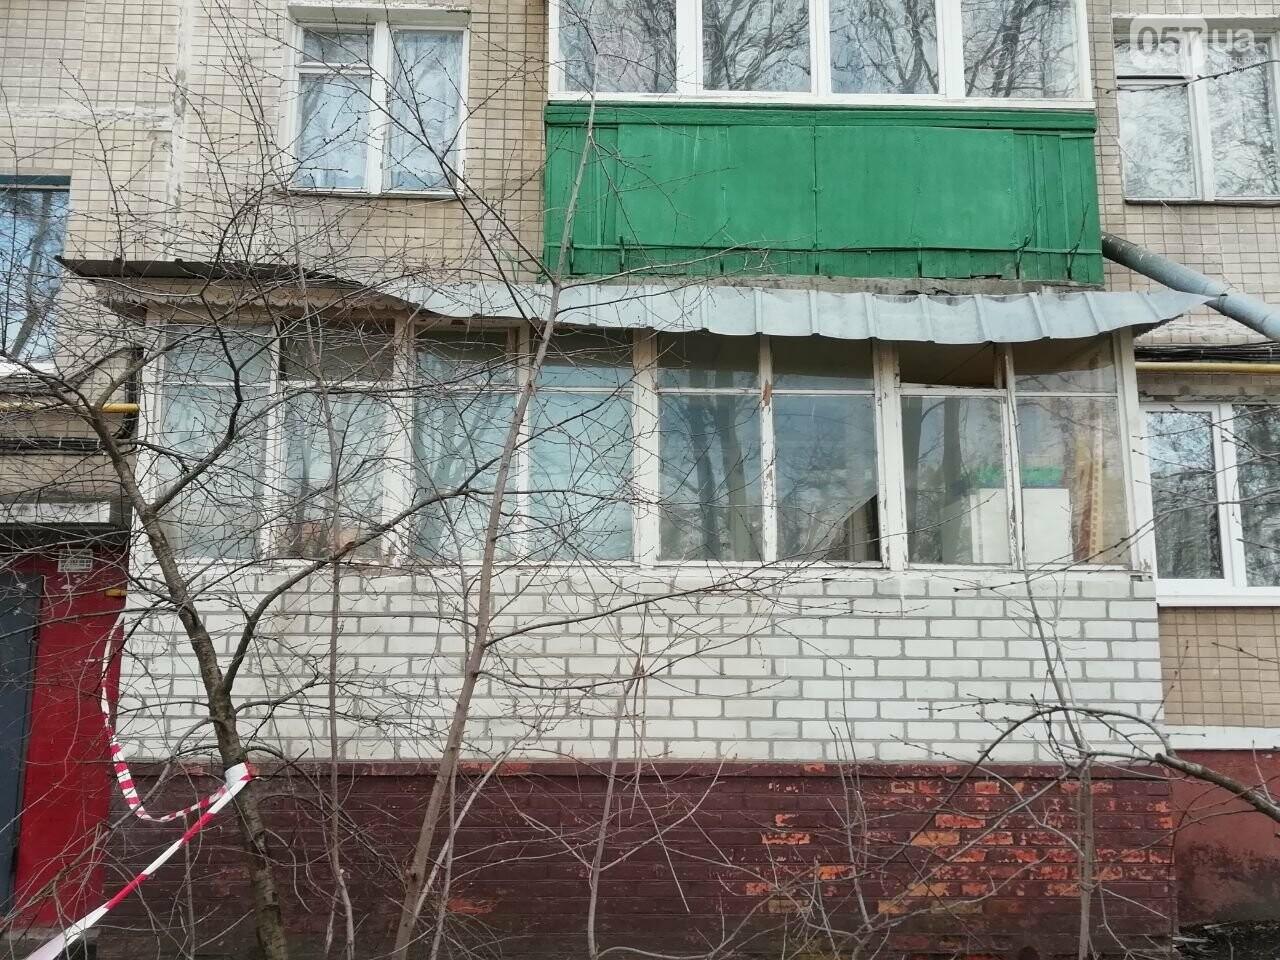 Выстрелы возле дома и неизвестные в масках: что рассказали жители о стрельбе на Московском проспекте, - ФОТО, фото-21